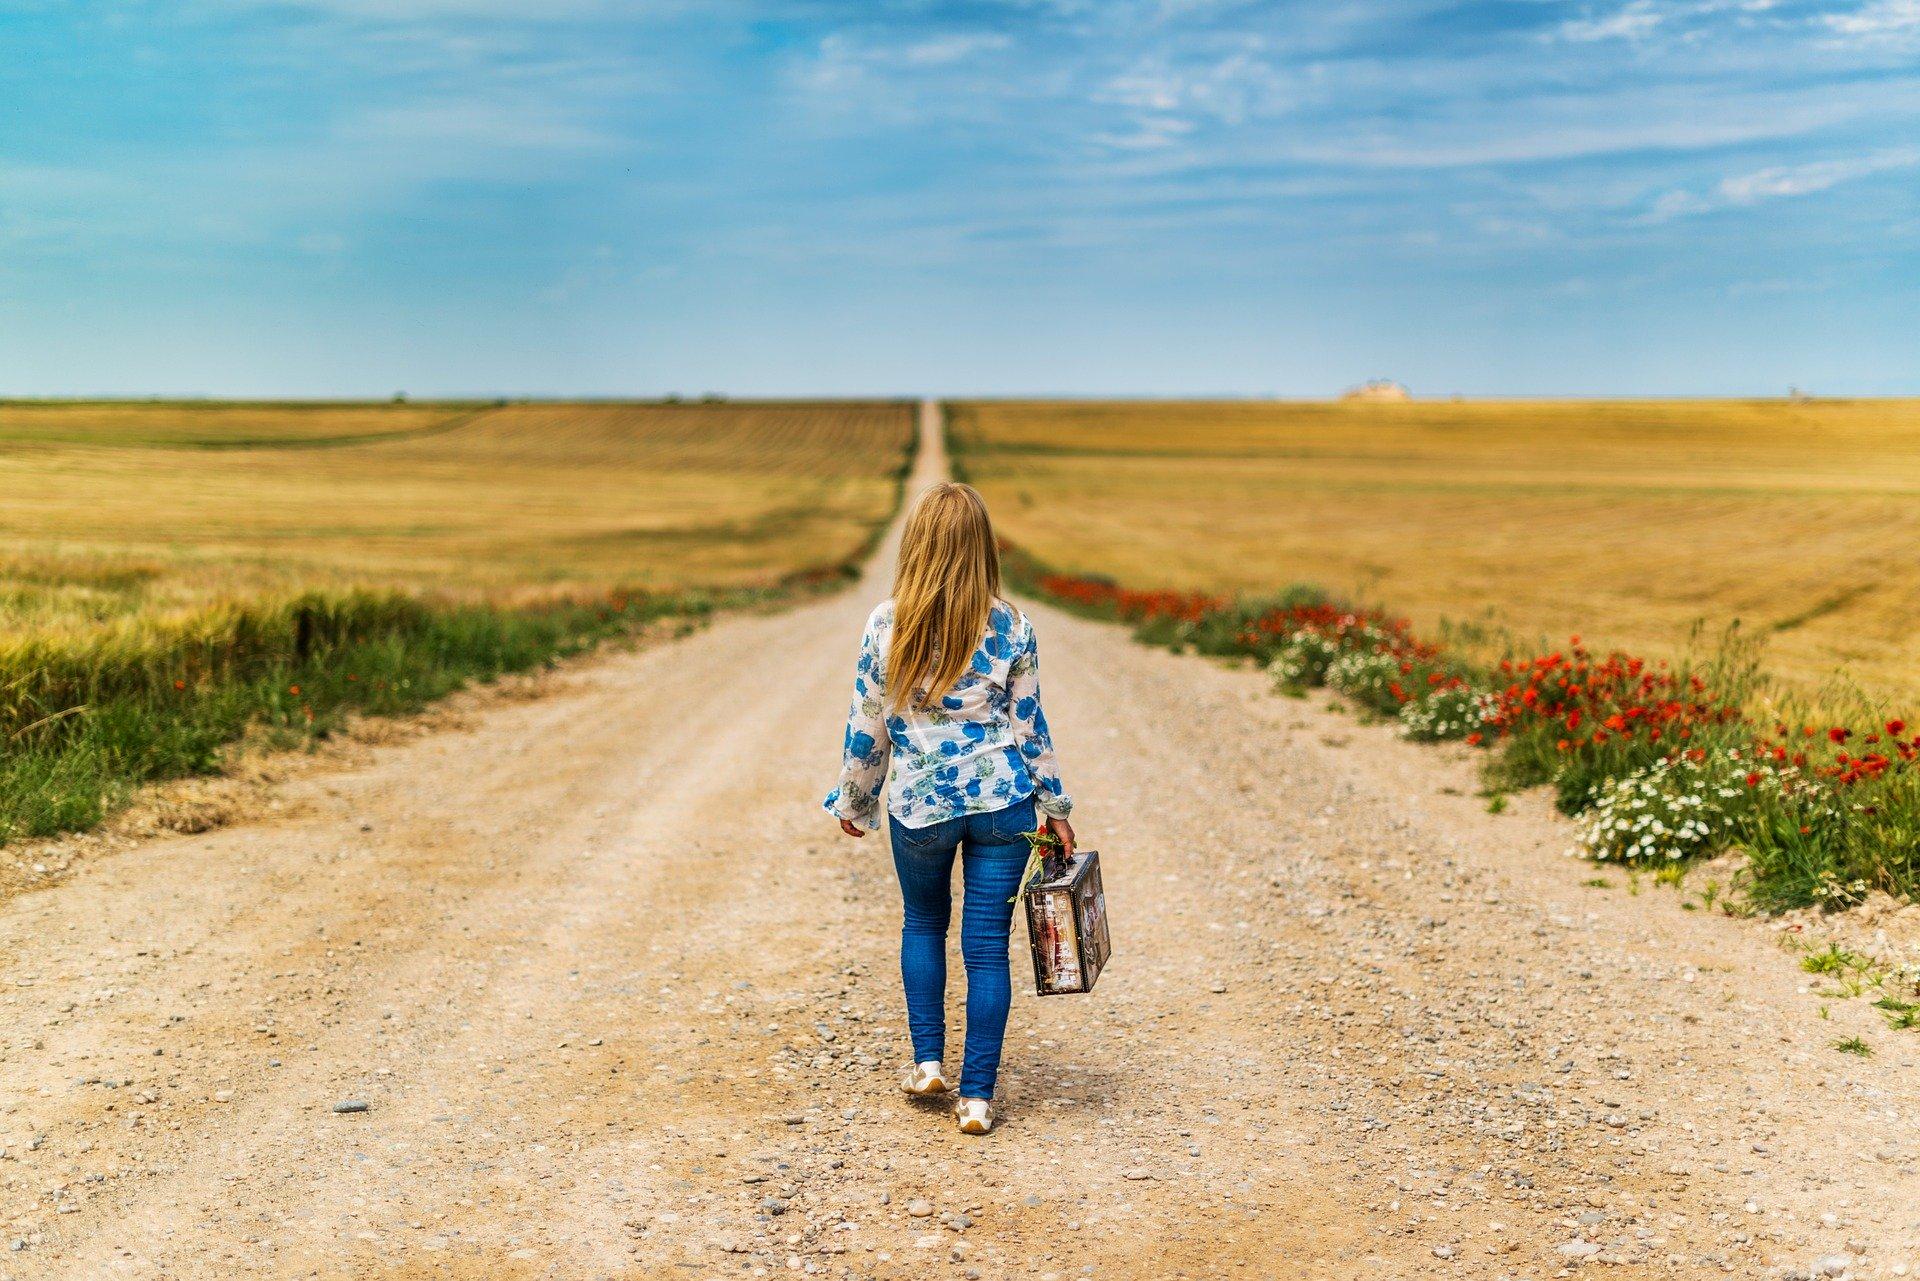 Laufen um die Distanz zu verringern